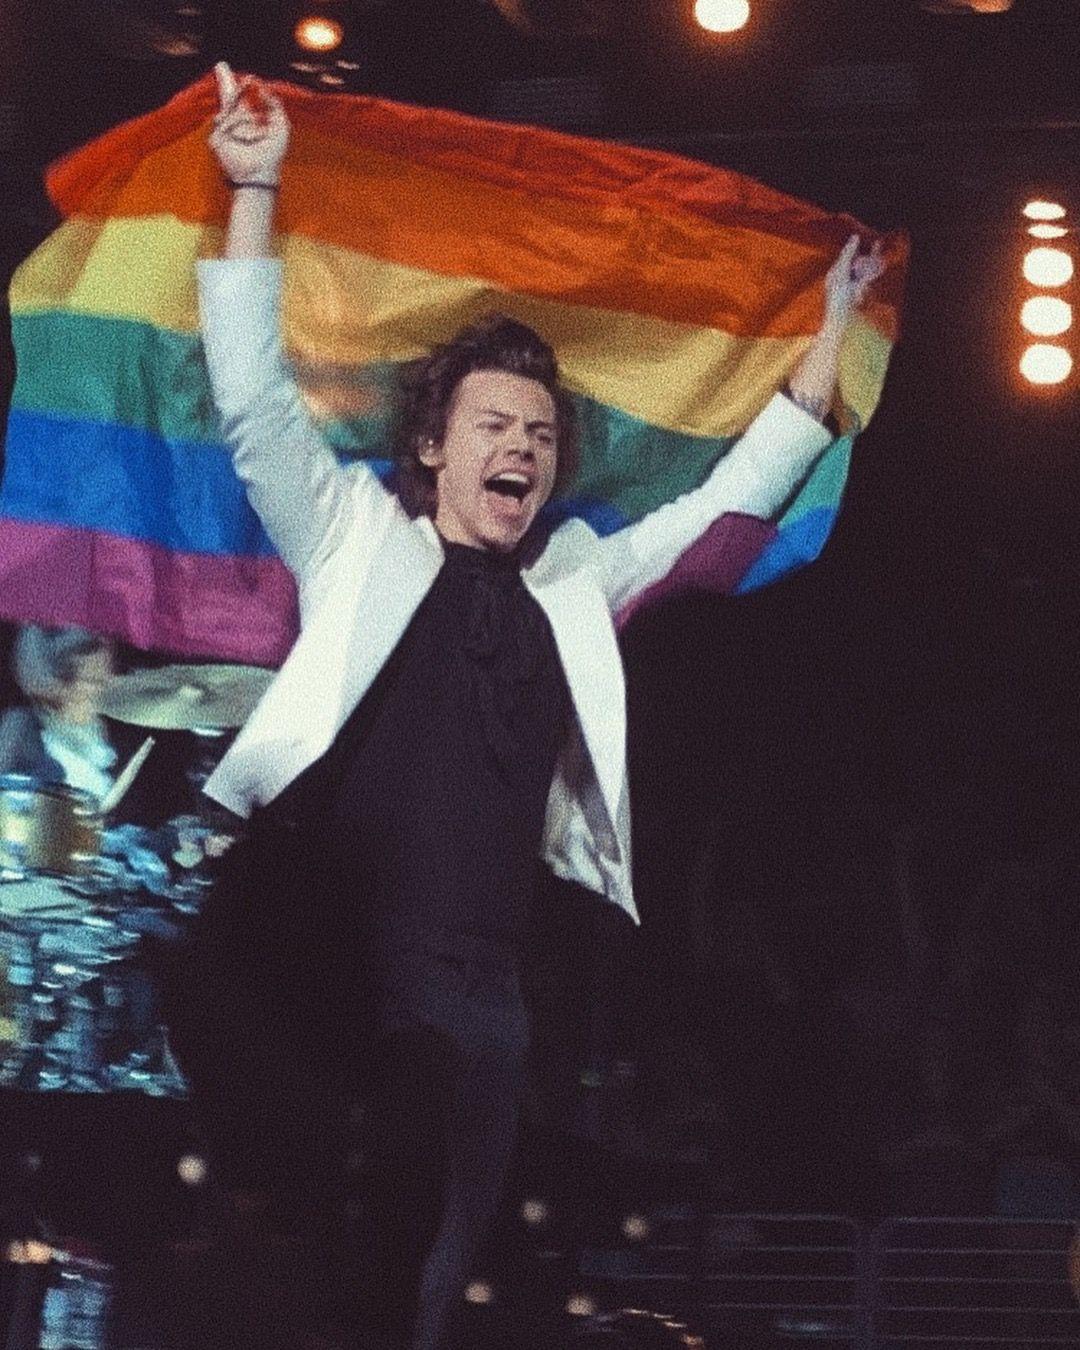 Harry Styles em um dos muitos momentos em que mostrou ser aliado da comunidade LGBT. (Foto: Reprodução / Twitter)